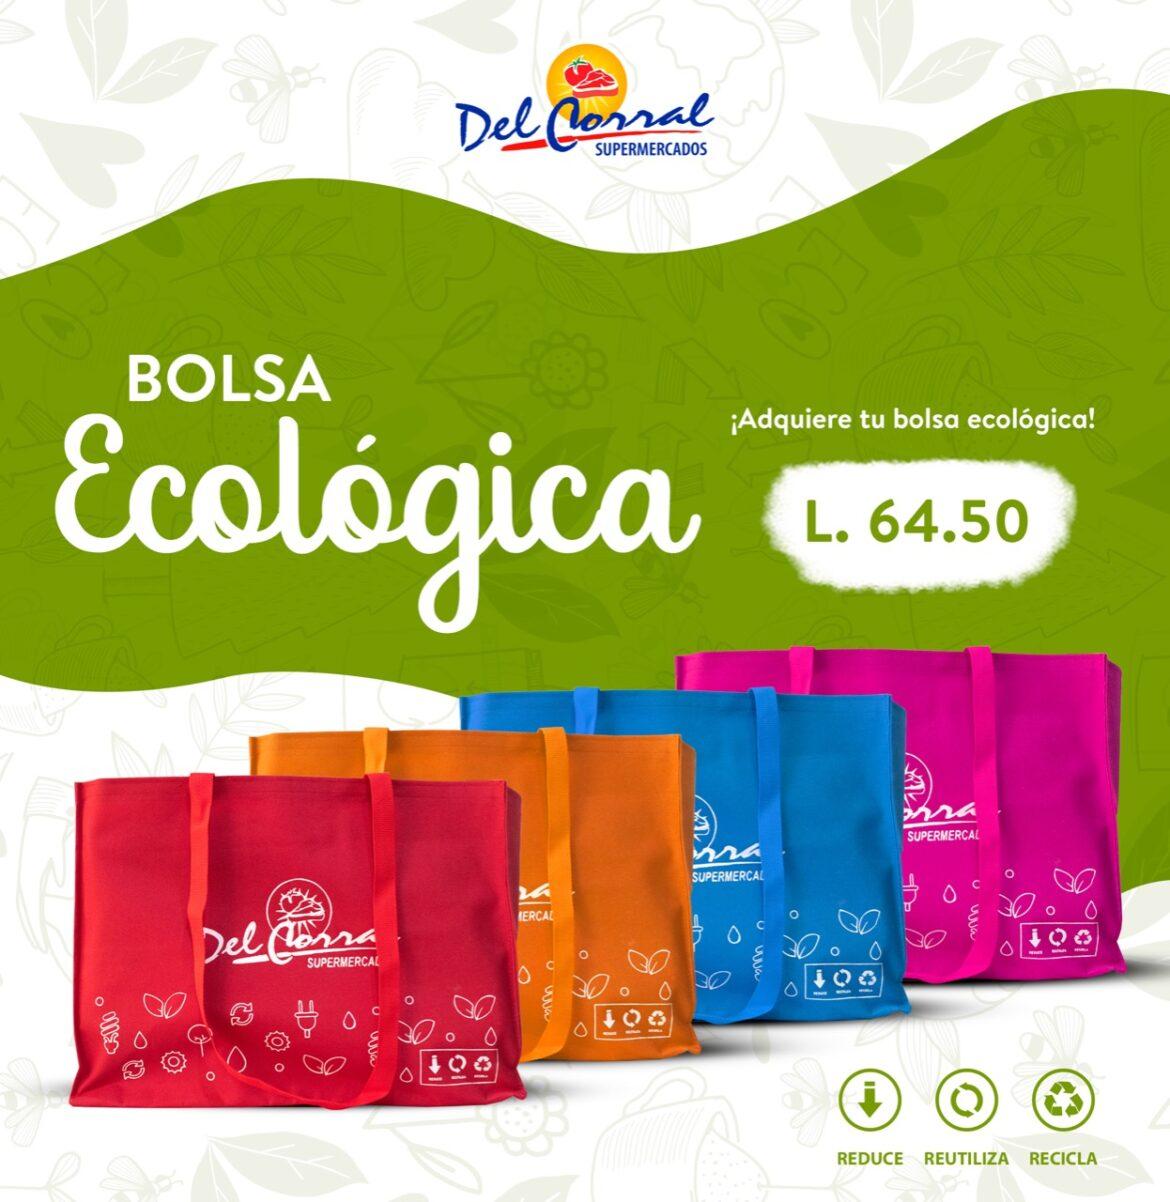 En Supermercados Del Corral «Juntos hacemos la diferencia» adquiere tu bolsa ecológica